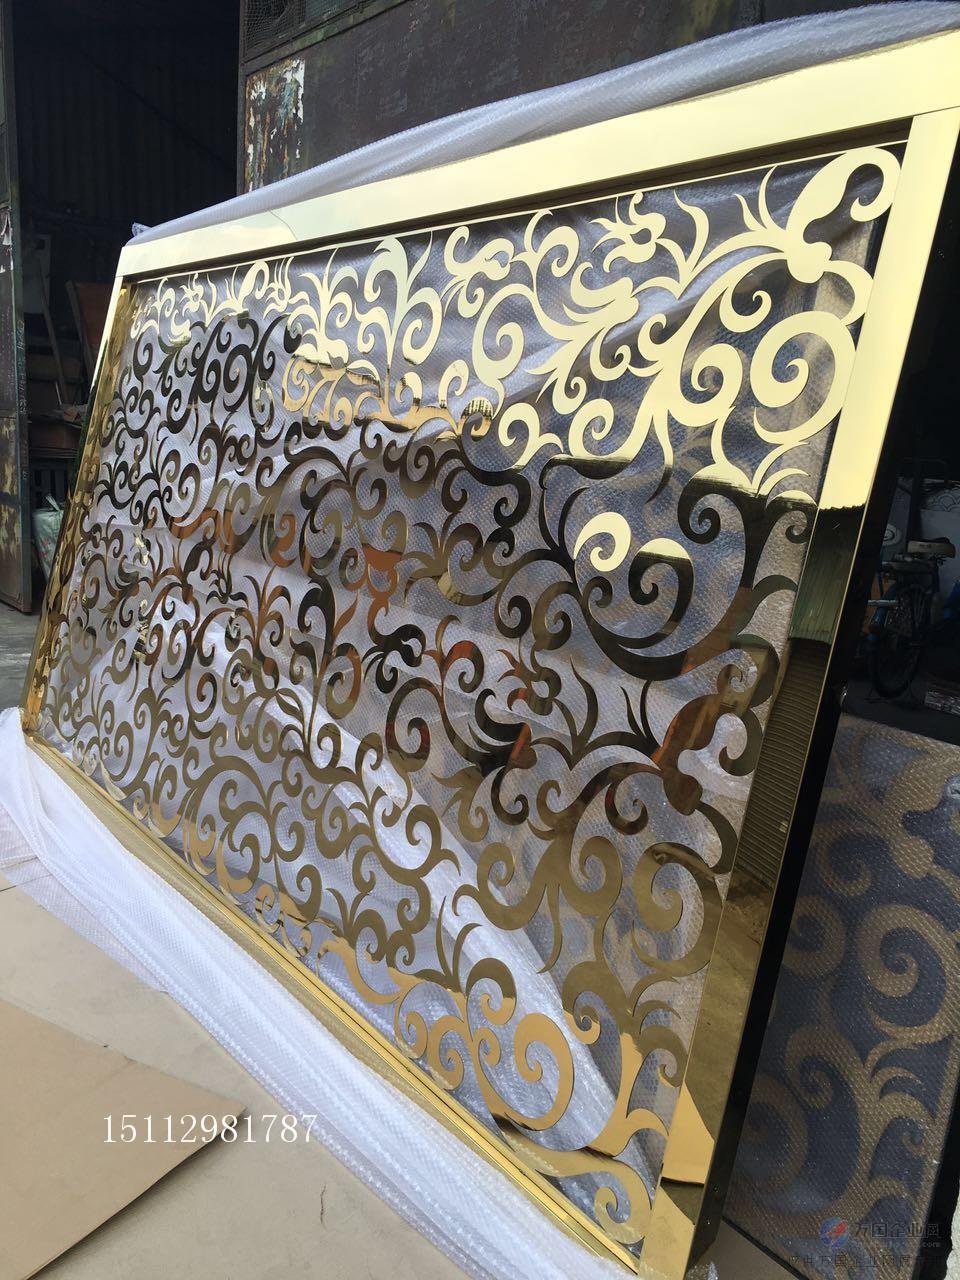 不锈钢花格,不锈钢镂空板,不锈钢雕花板等,款式新潮,华丽时尚,大方